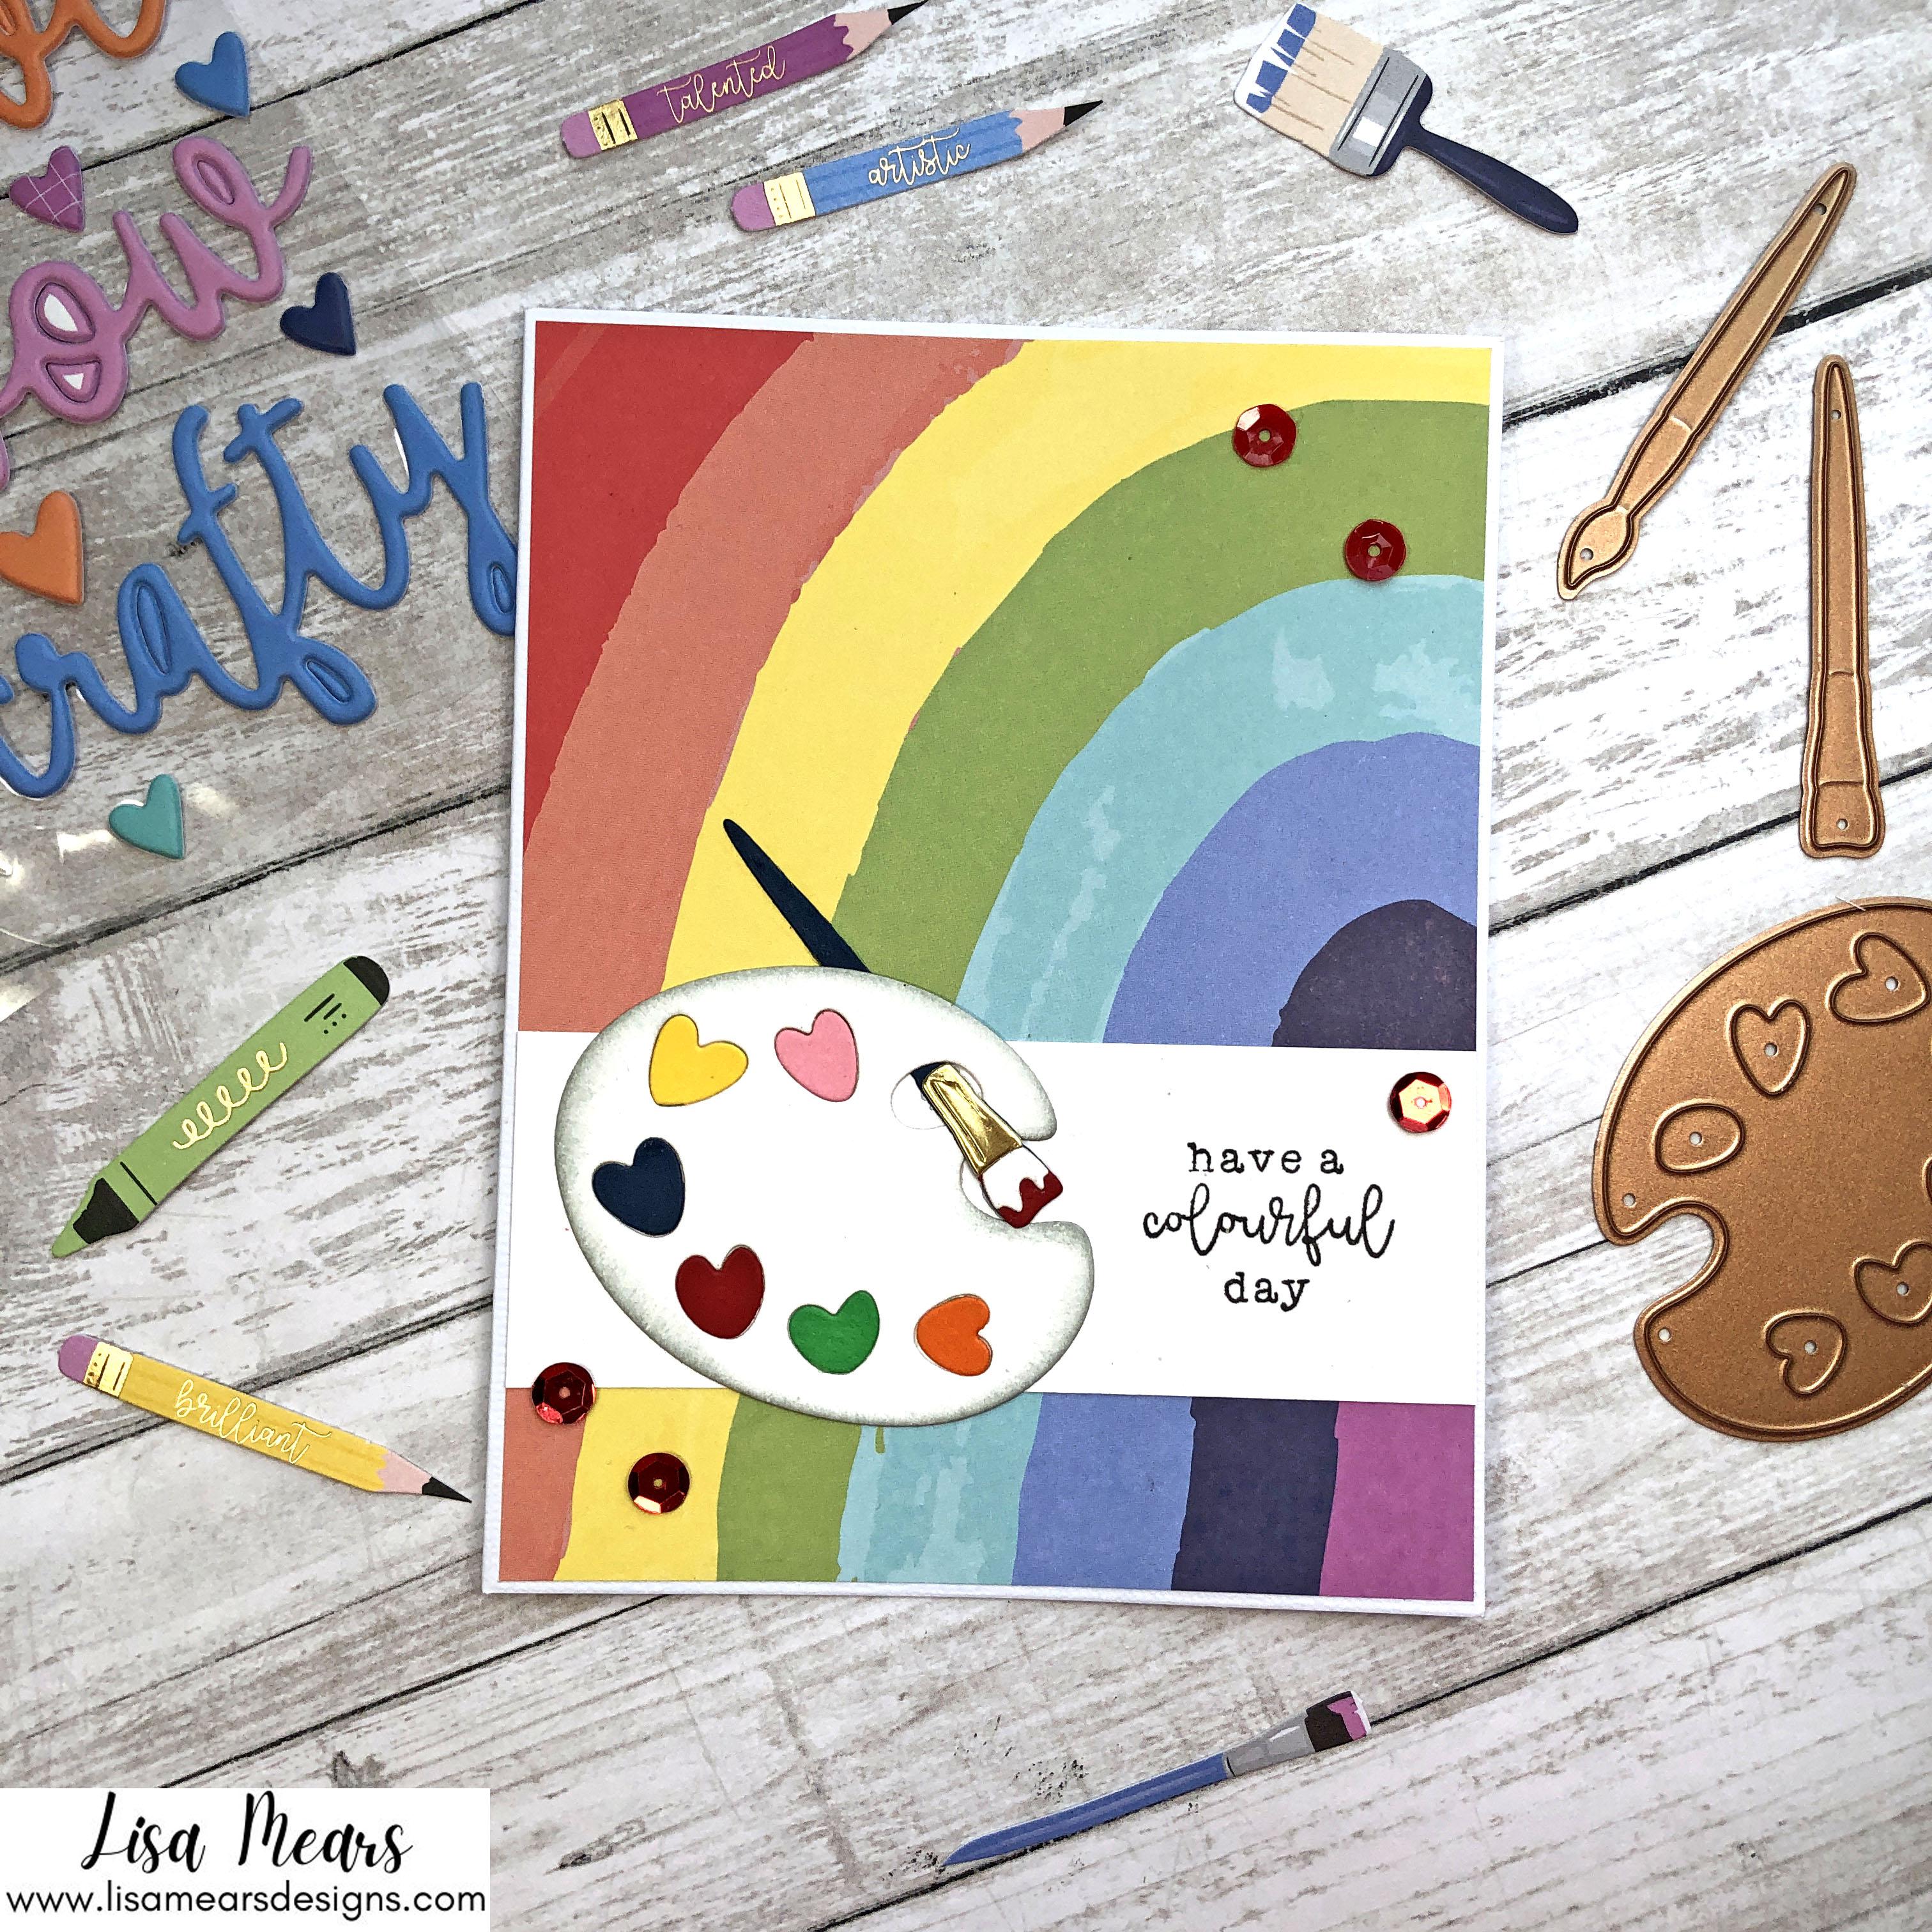 Spellbinders August 2021 Card Kit - 10 Cards 1 Kit